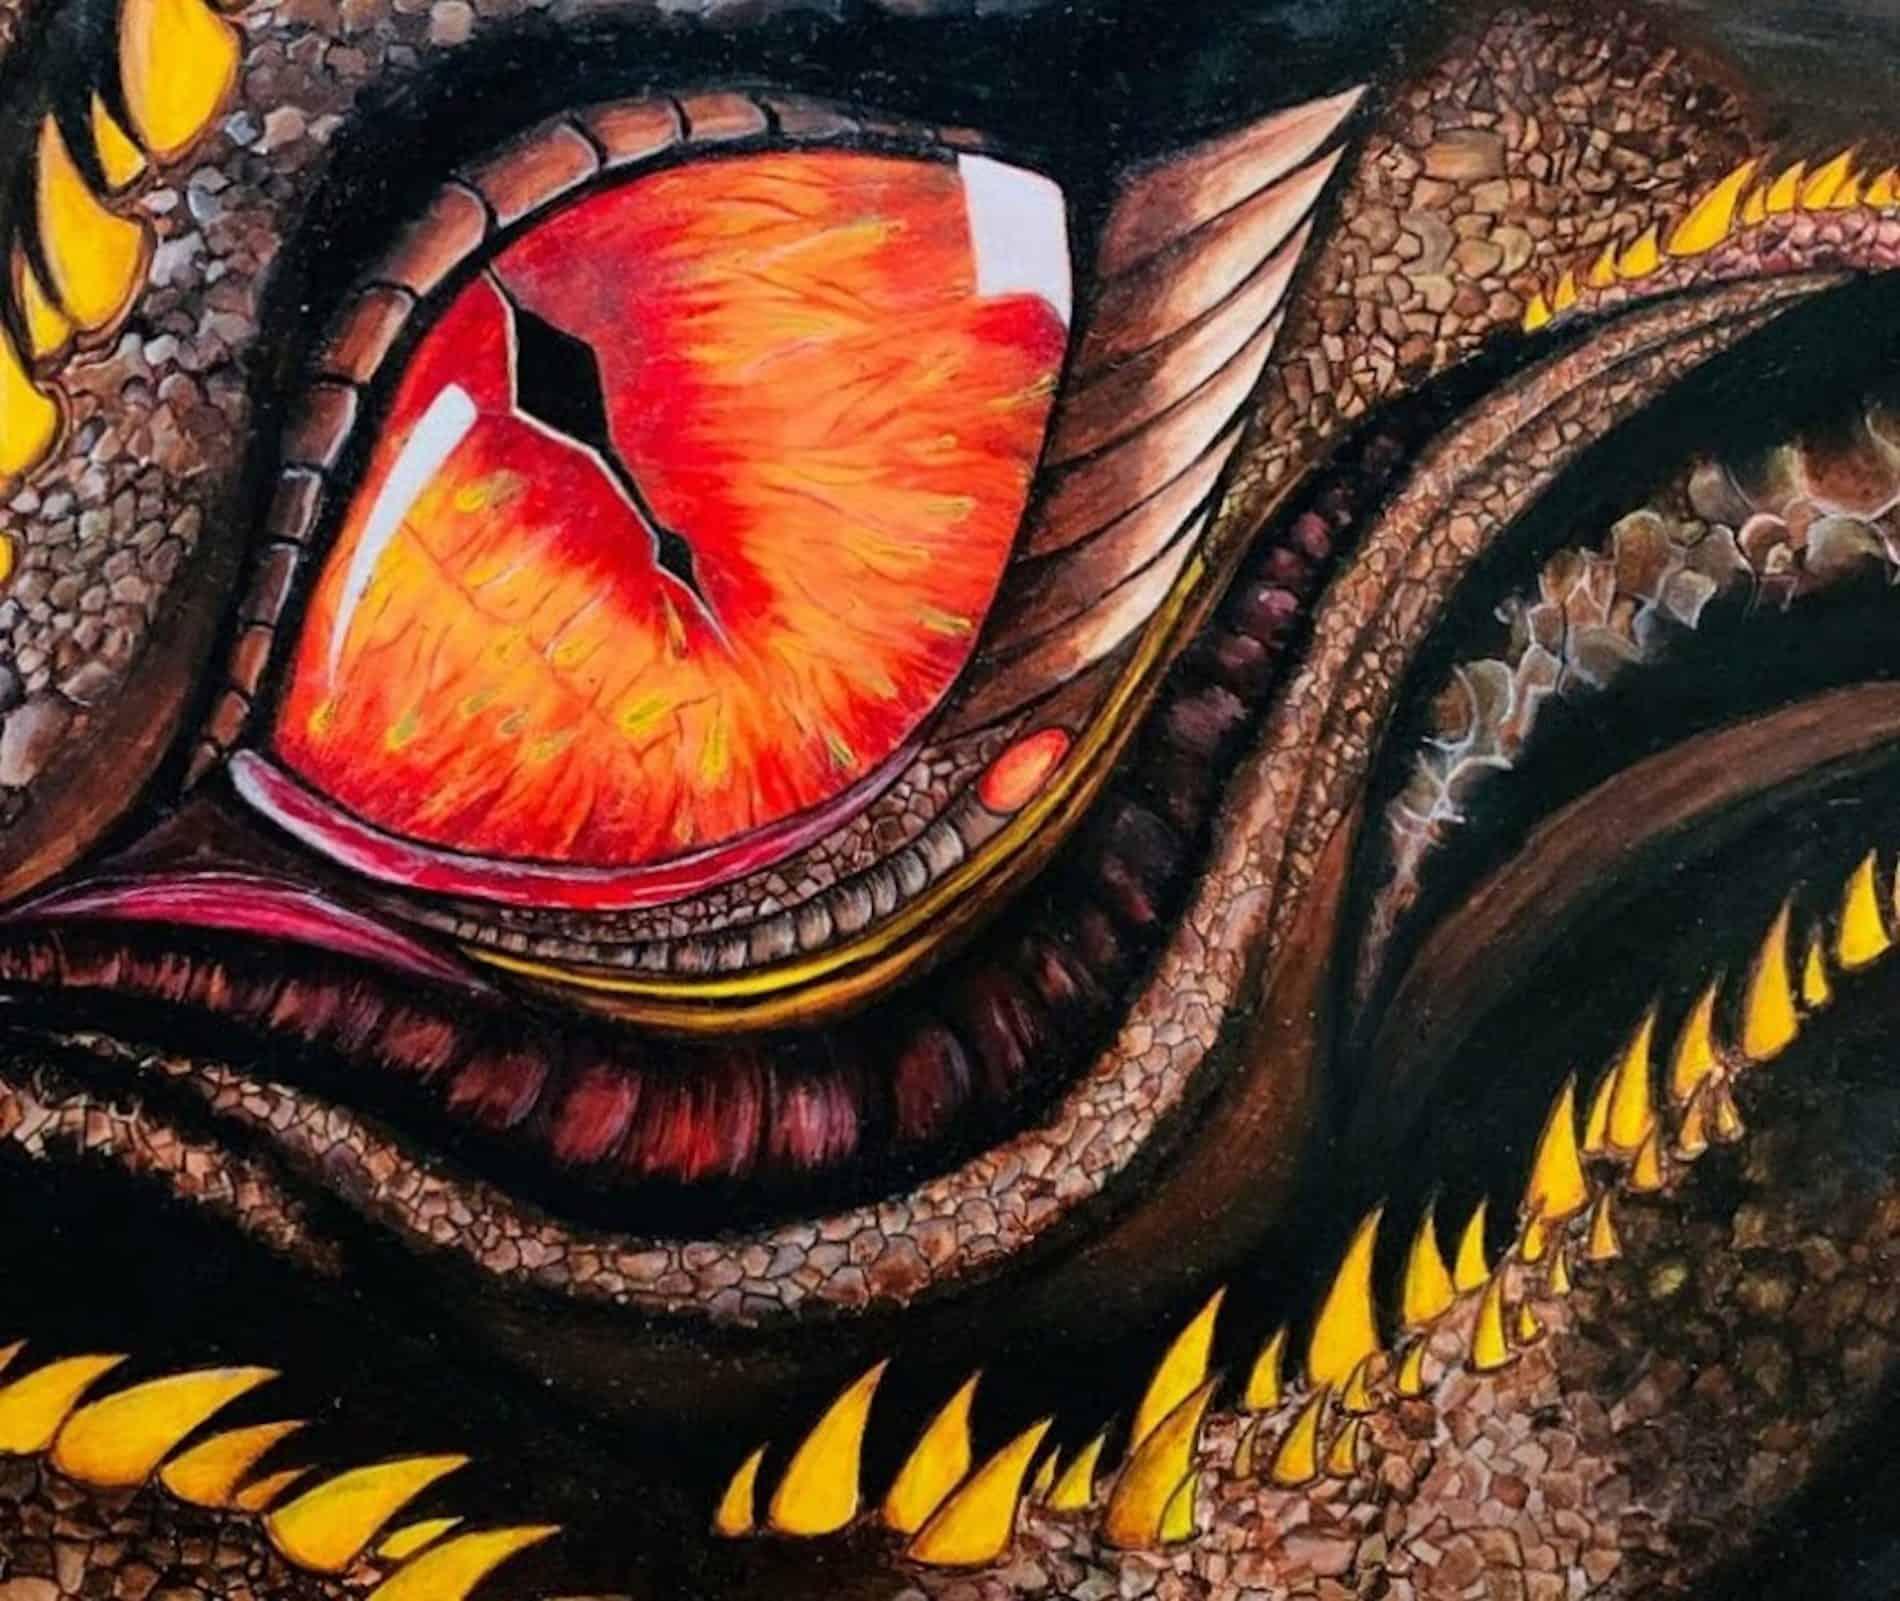 mauritius-arts-priya-jhugroo-eye-of-the-dragon